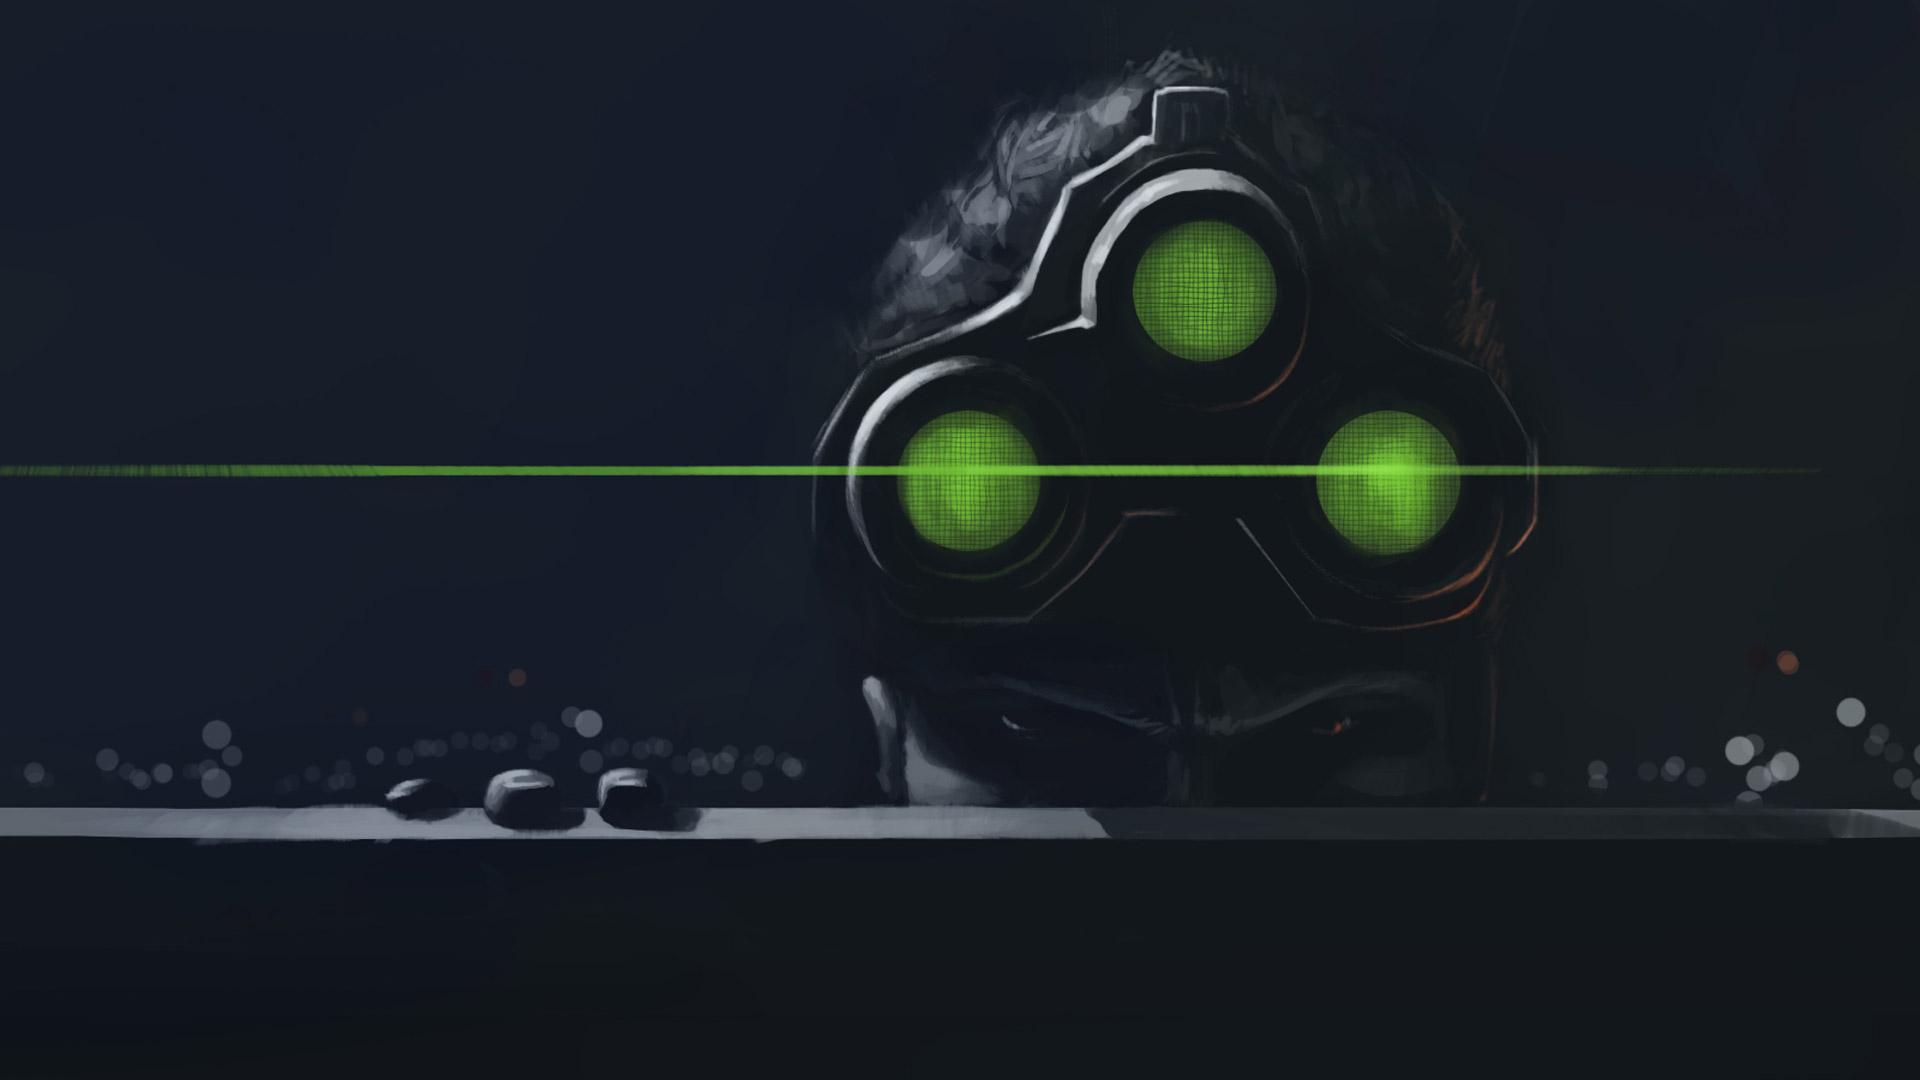 Splinter Cell Blacklist wallpaper 9